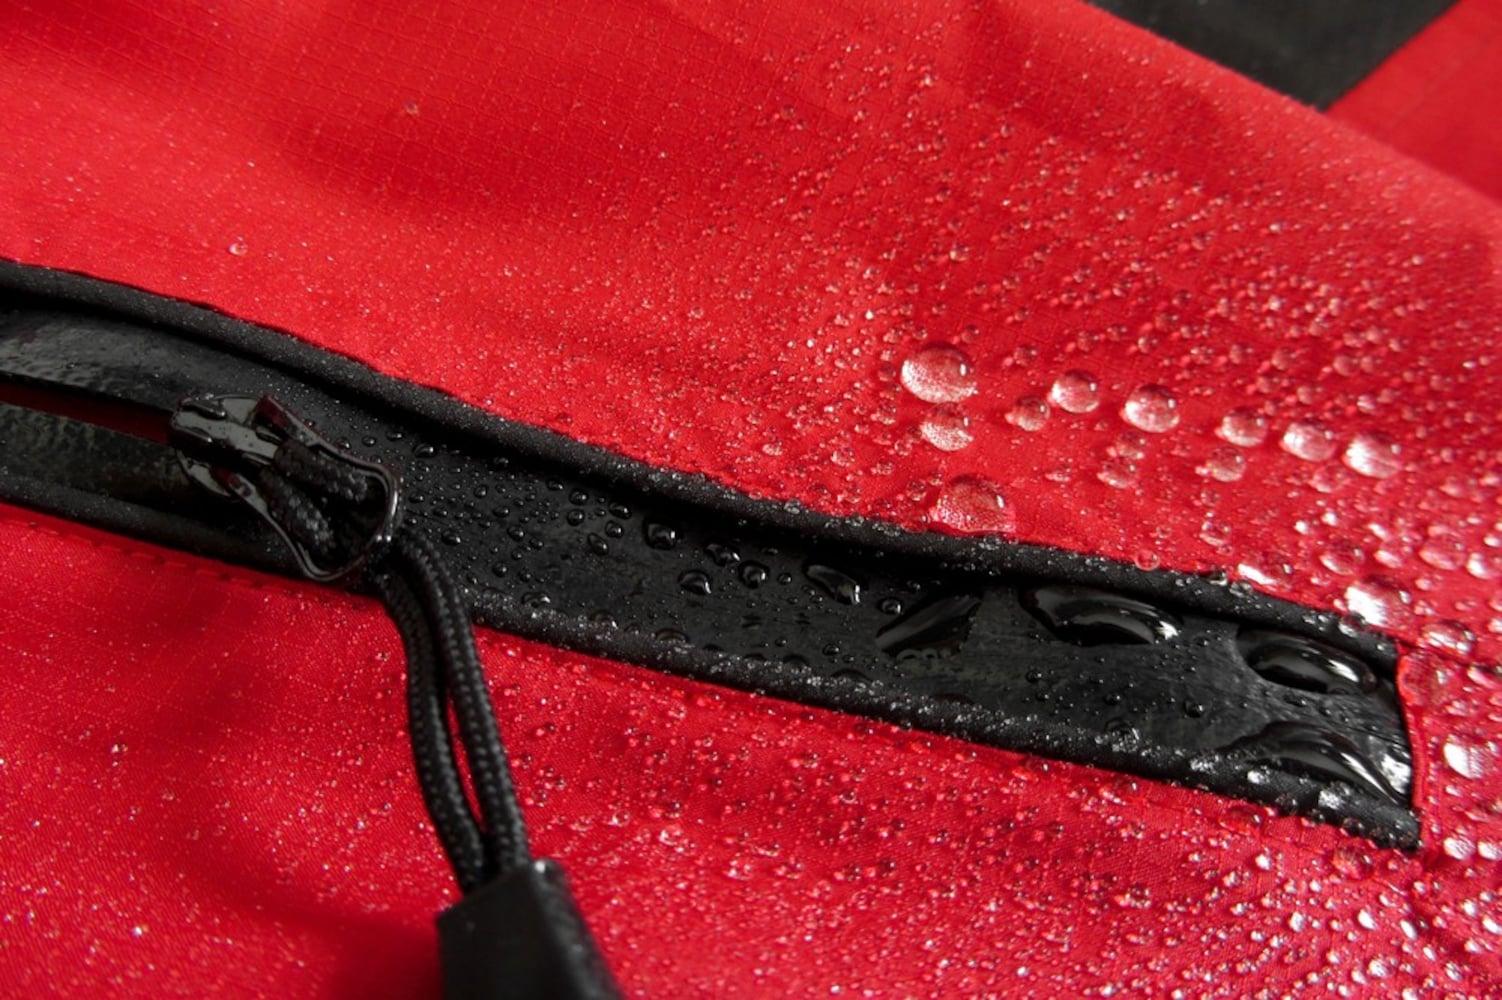 耐水圧|20000mmあると急な嵐にも対応可能、撥水性も忘れずチェック